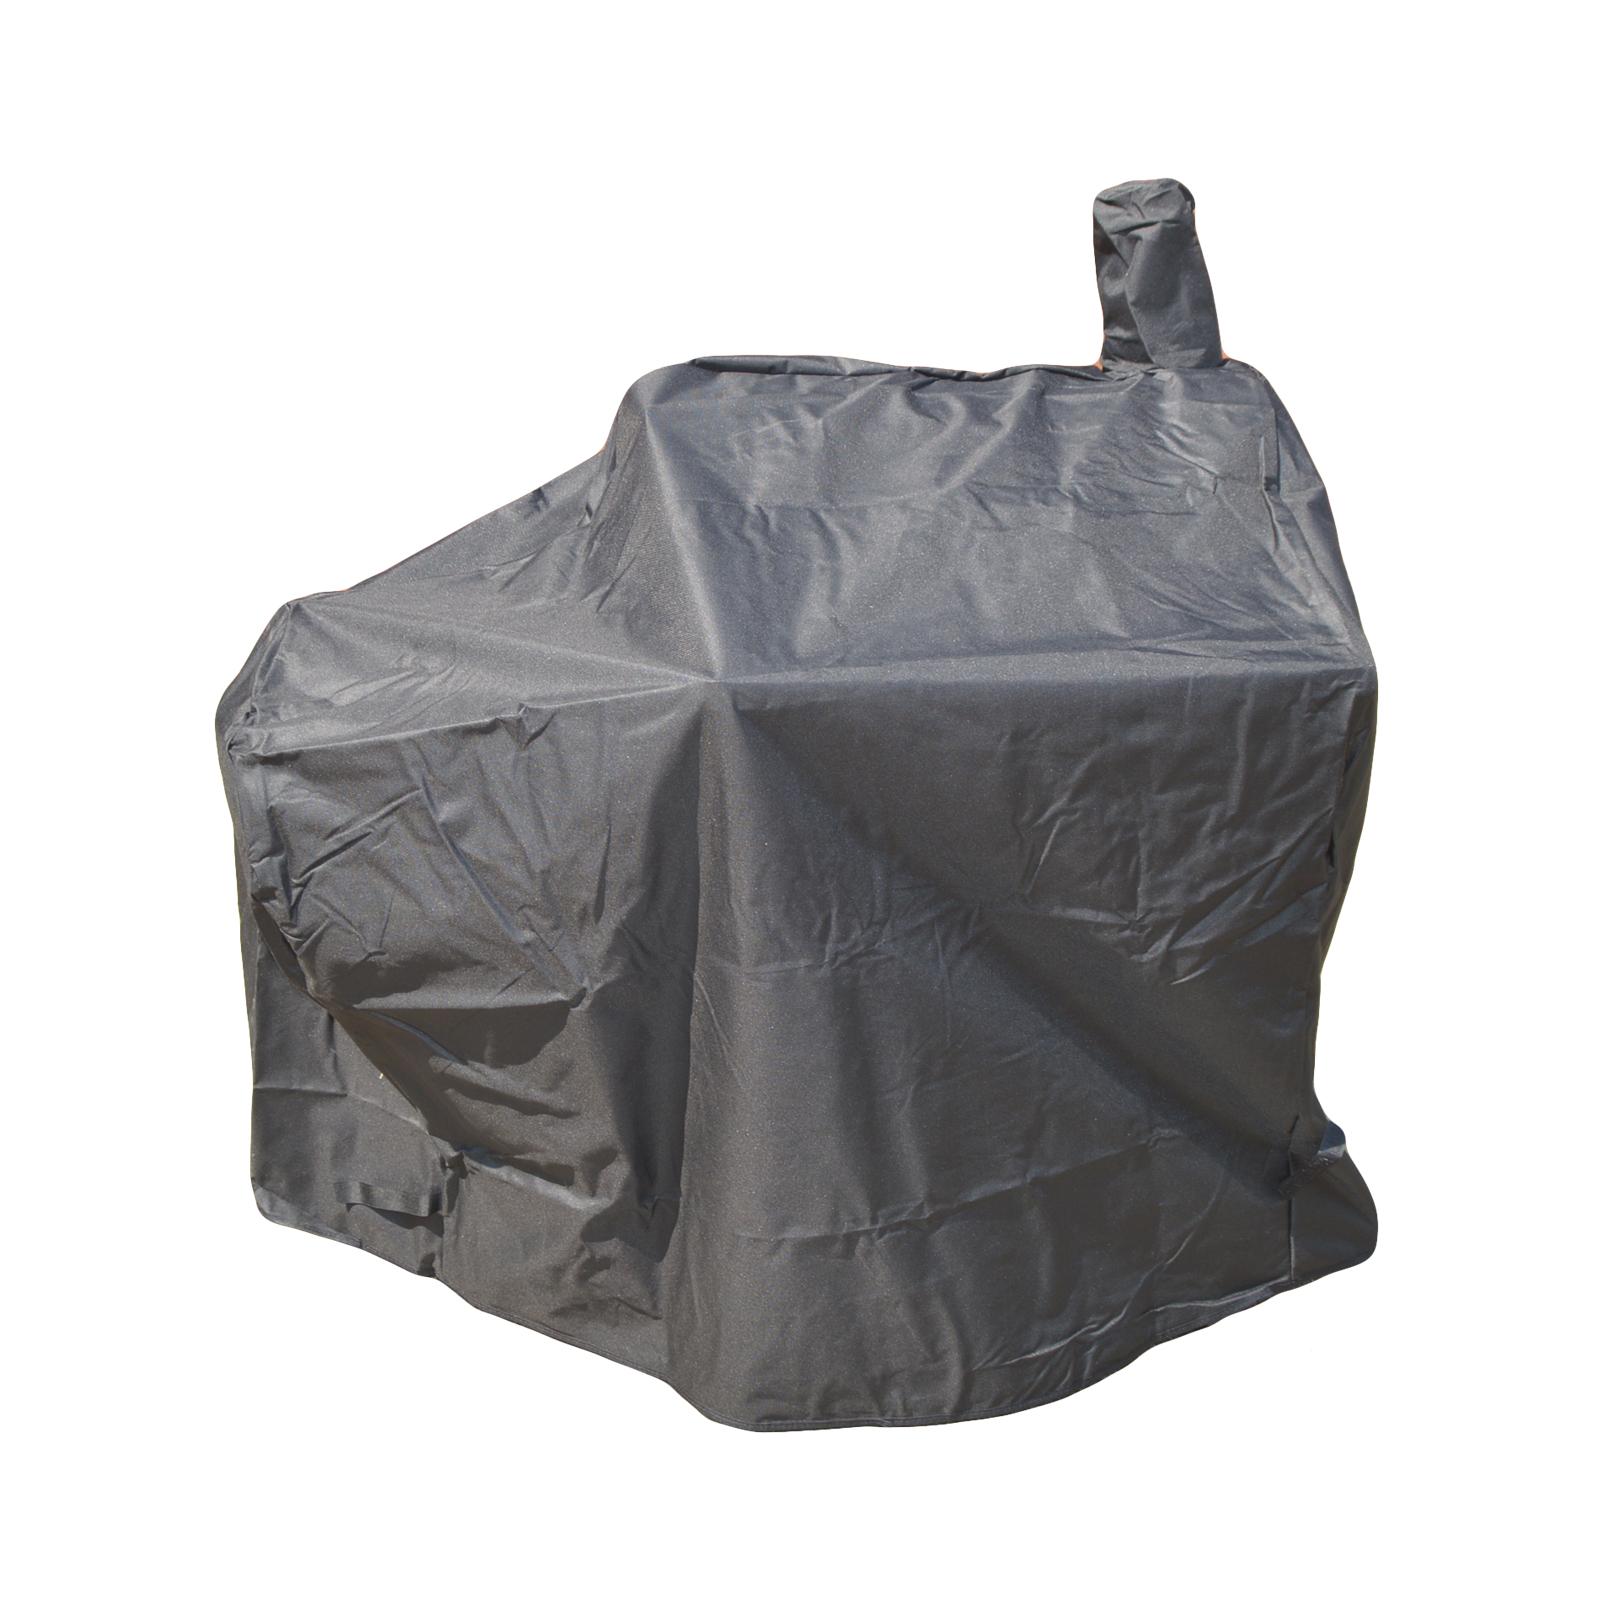 xl smoker abdeckplane f r smoker abdeckung abdeckhaube wetterschutz grill schutz ebay. Black Bedroom Furniture Sets. Home Design Ideas